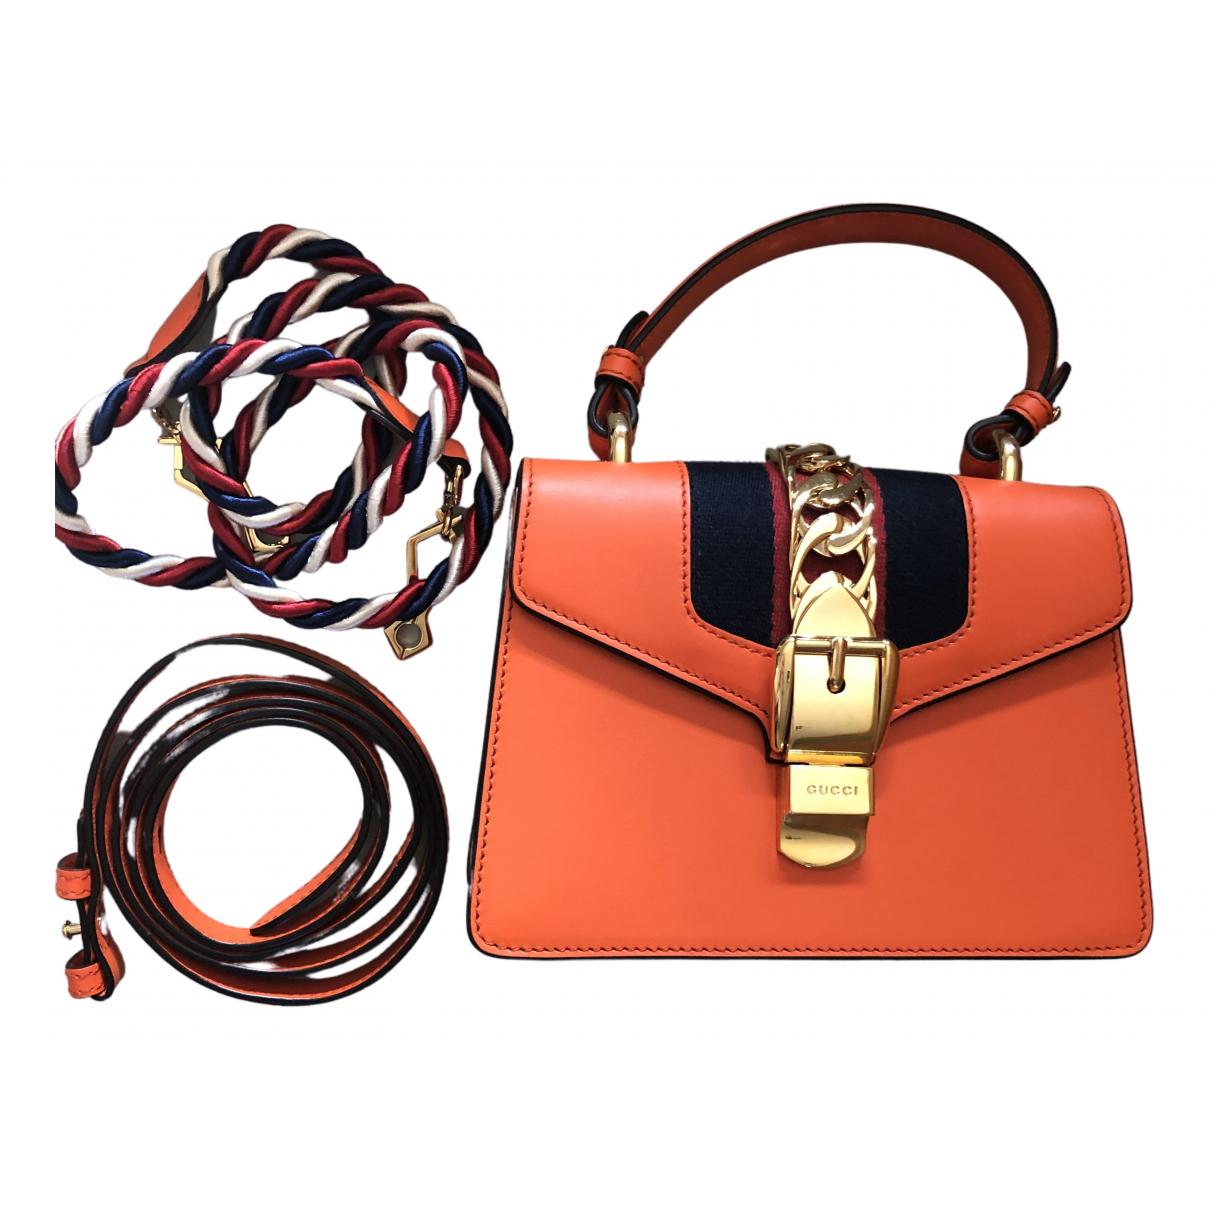 Gucci - Sac a main Sylvie pour femme en cuir - orange